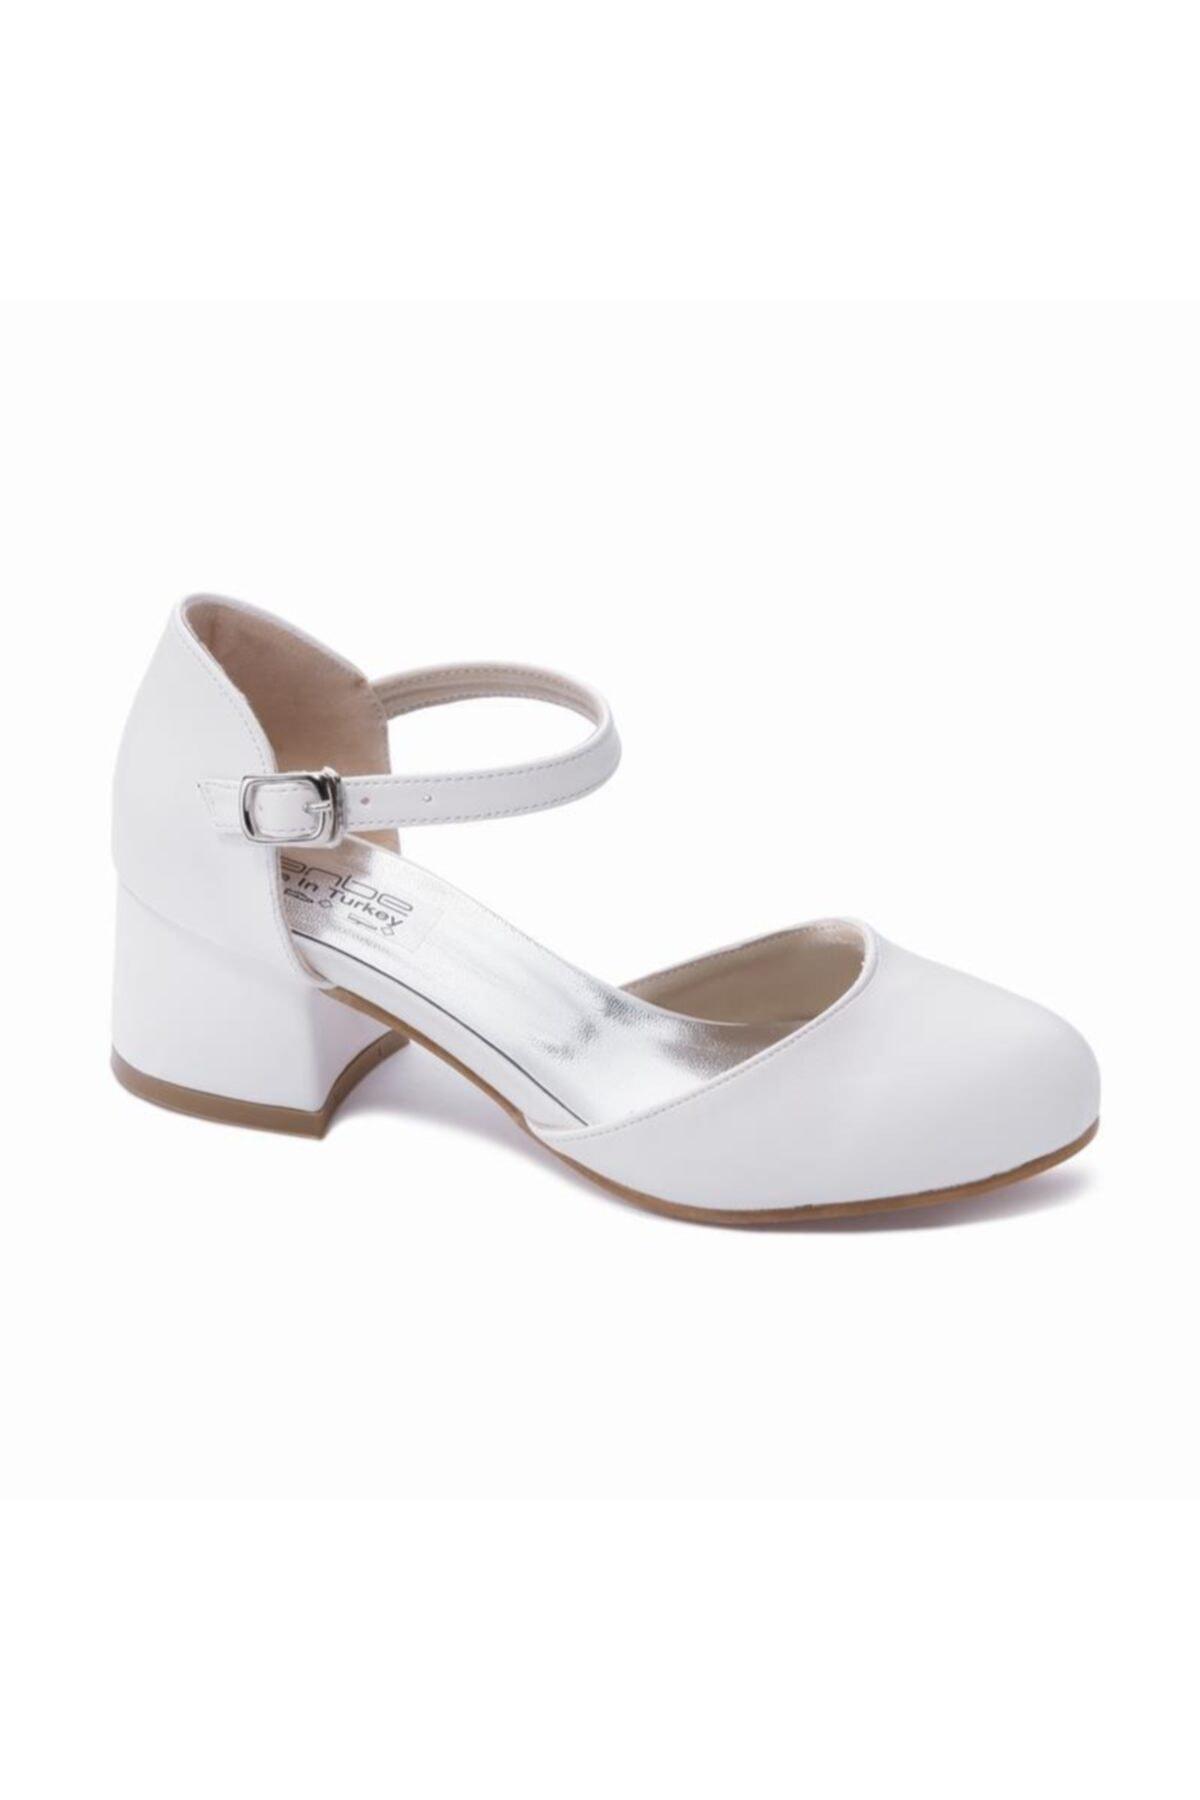 کفش پاشنه بلند بچه گانه دخترانه مارک برند Sanbe کد ty94962832